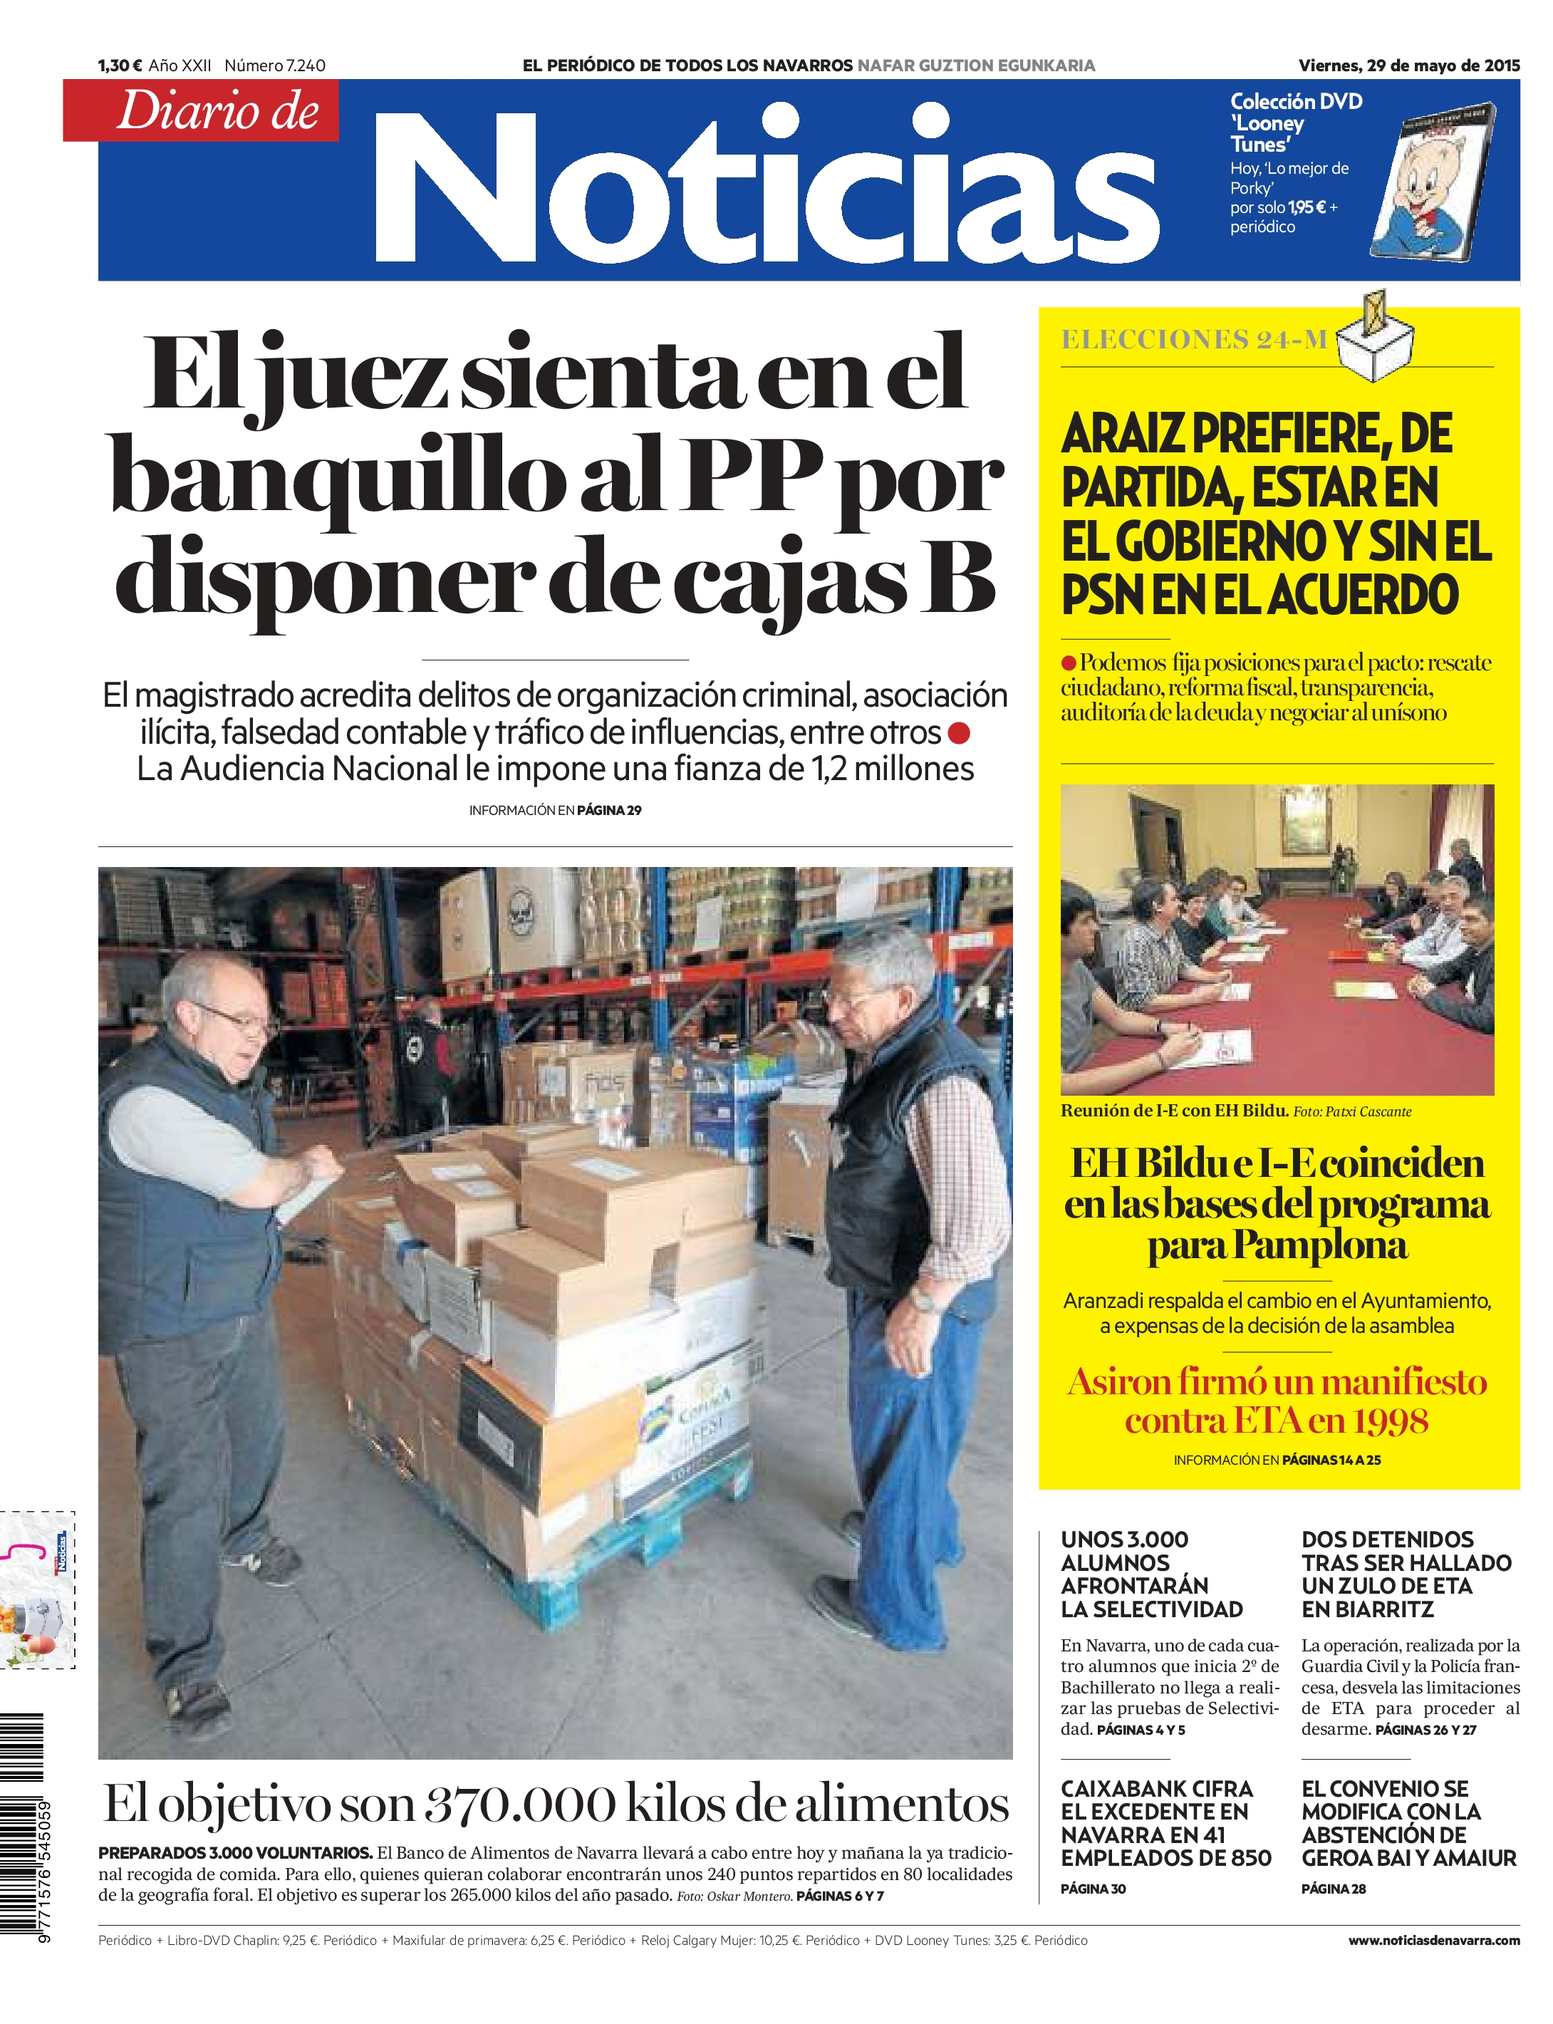 Calaméo - Diario de Noticias 20150529 e64c8885667